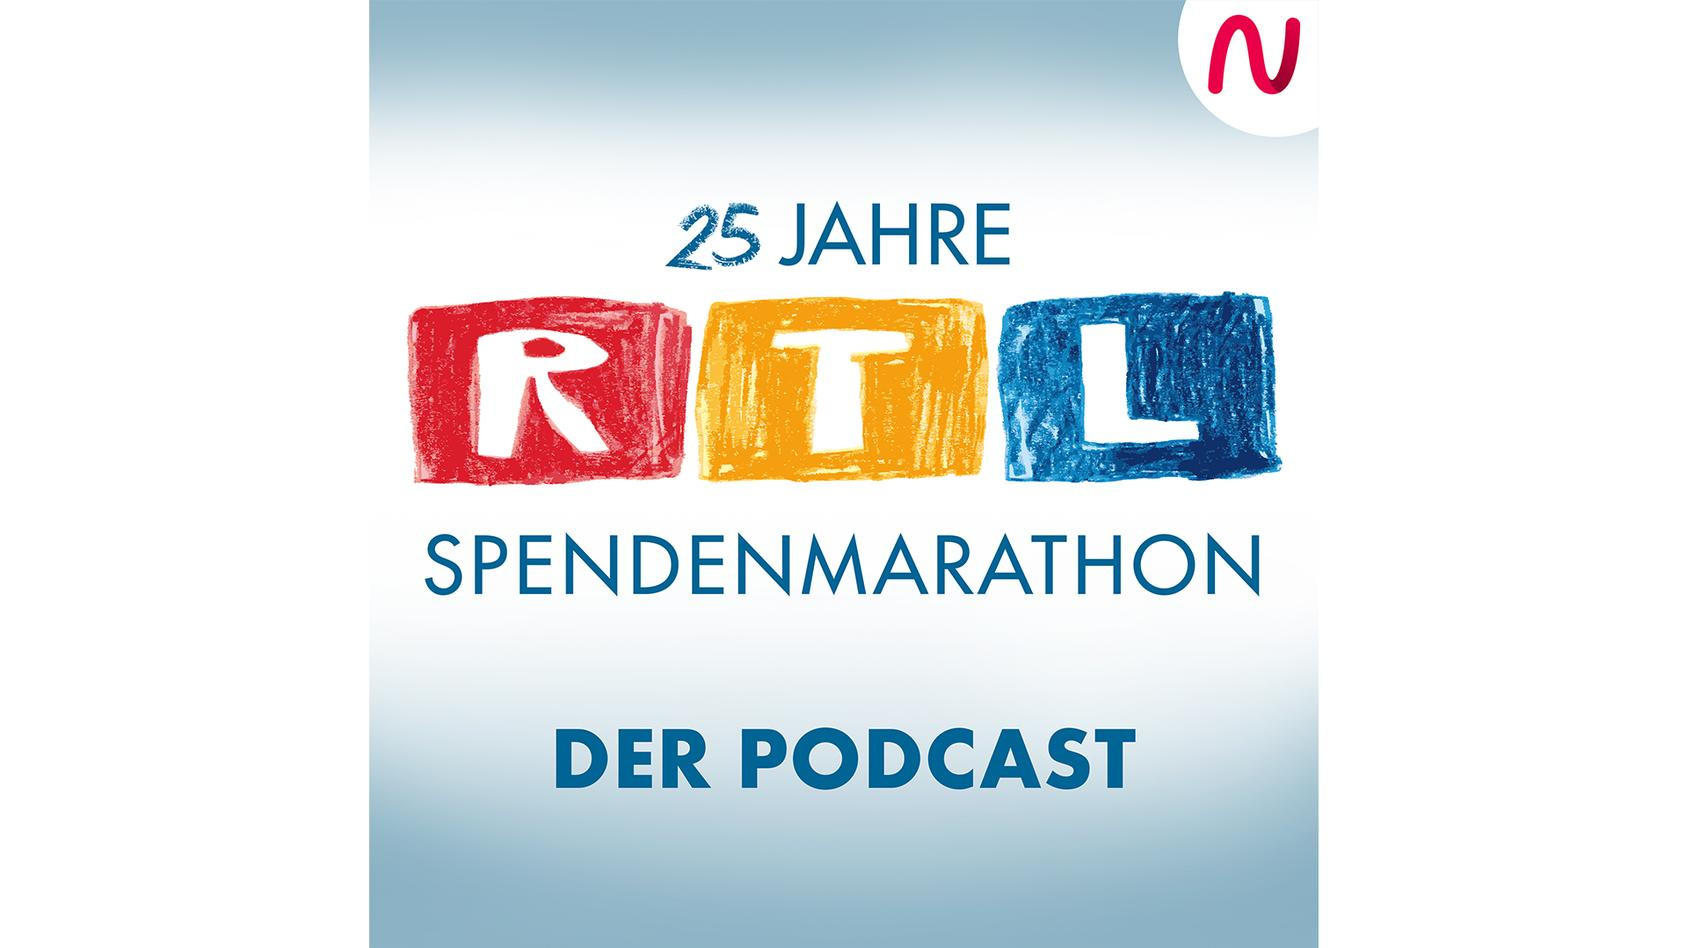 Ein Blick hinter die Kulissen - RTL-Spendenmarathon: Jetzt als Podcast